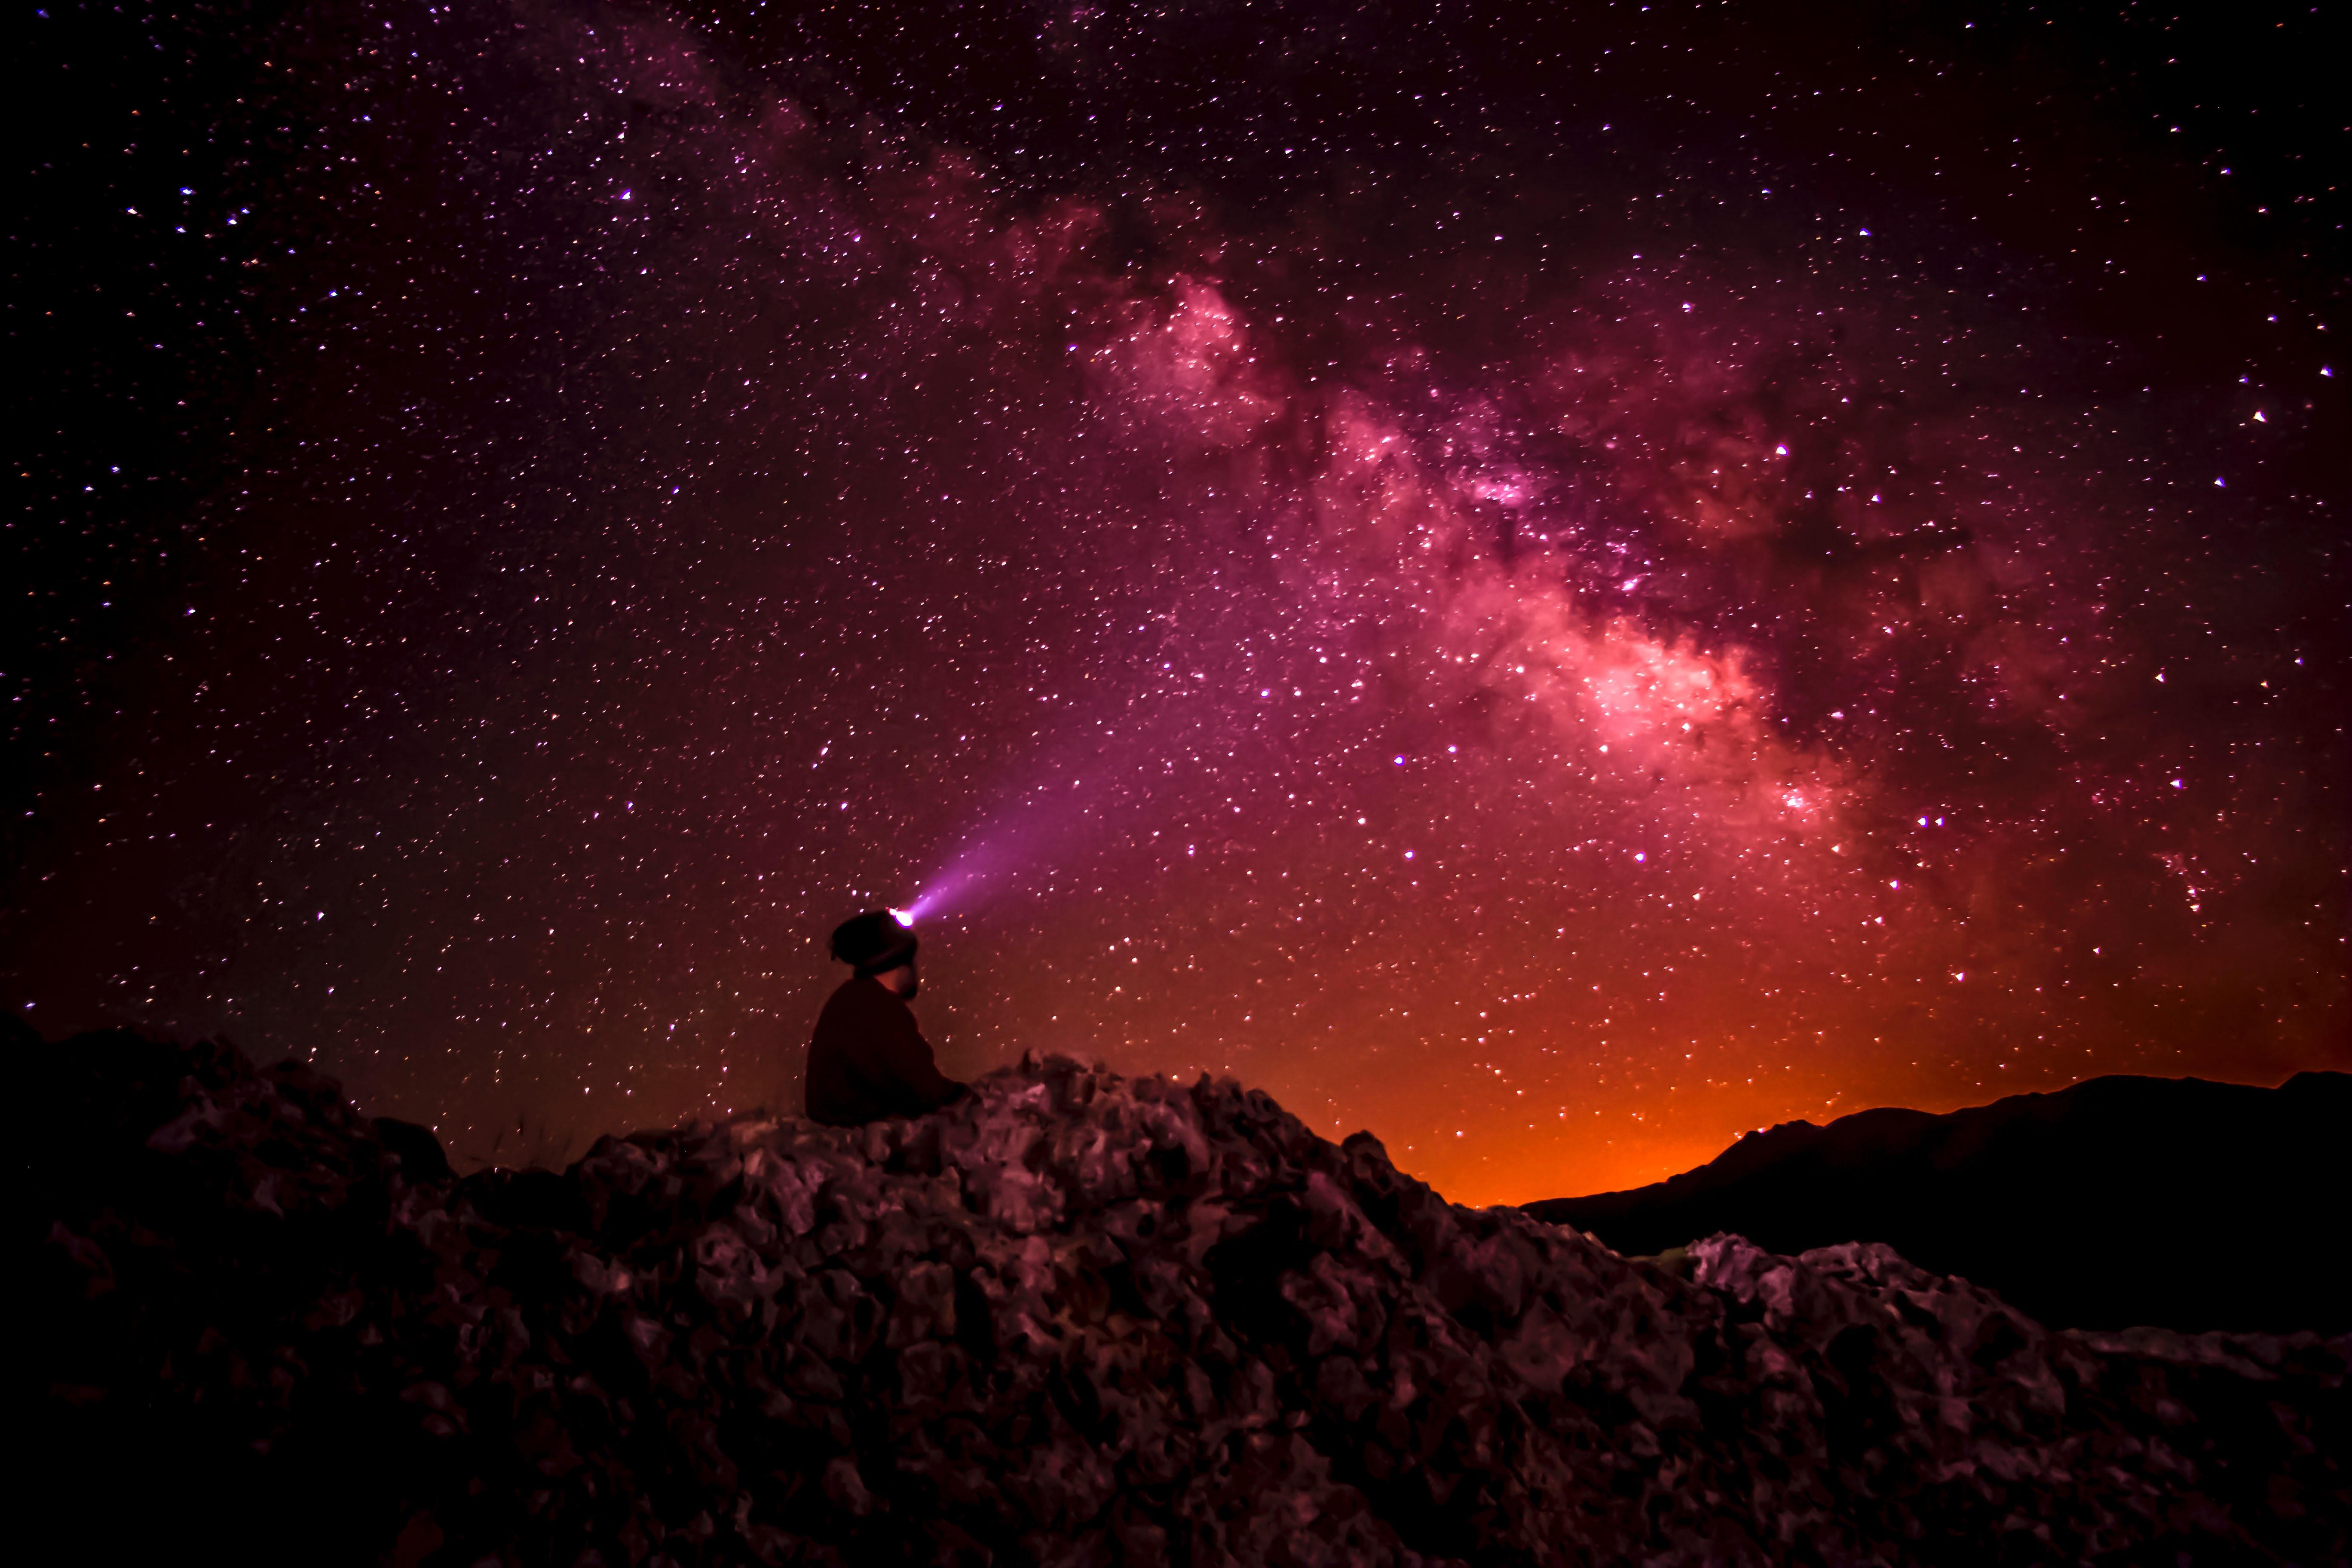 Fond d'écran : ciel étoilé, étoiles, homme, lumière, briller 5472x3648 - wallpaperUp - 1184416 ...